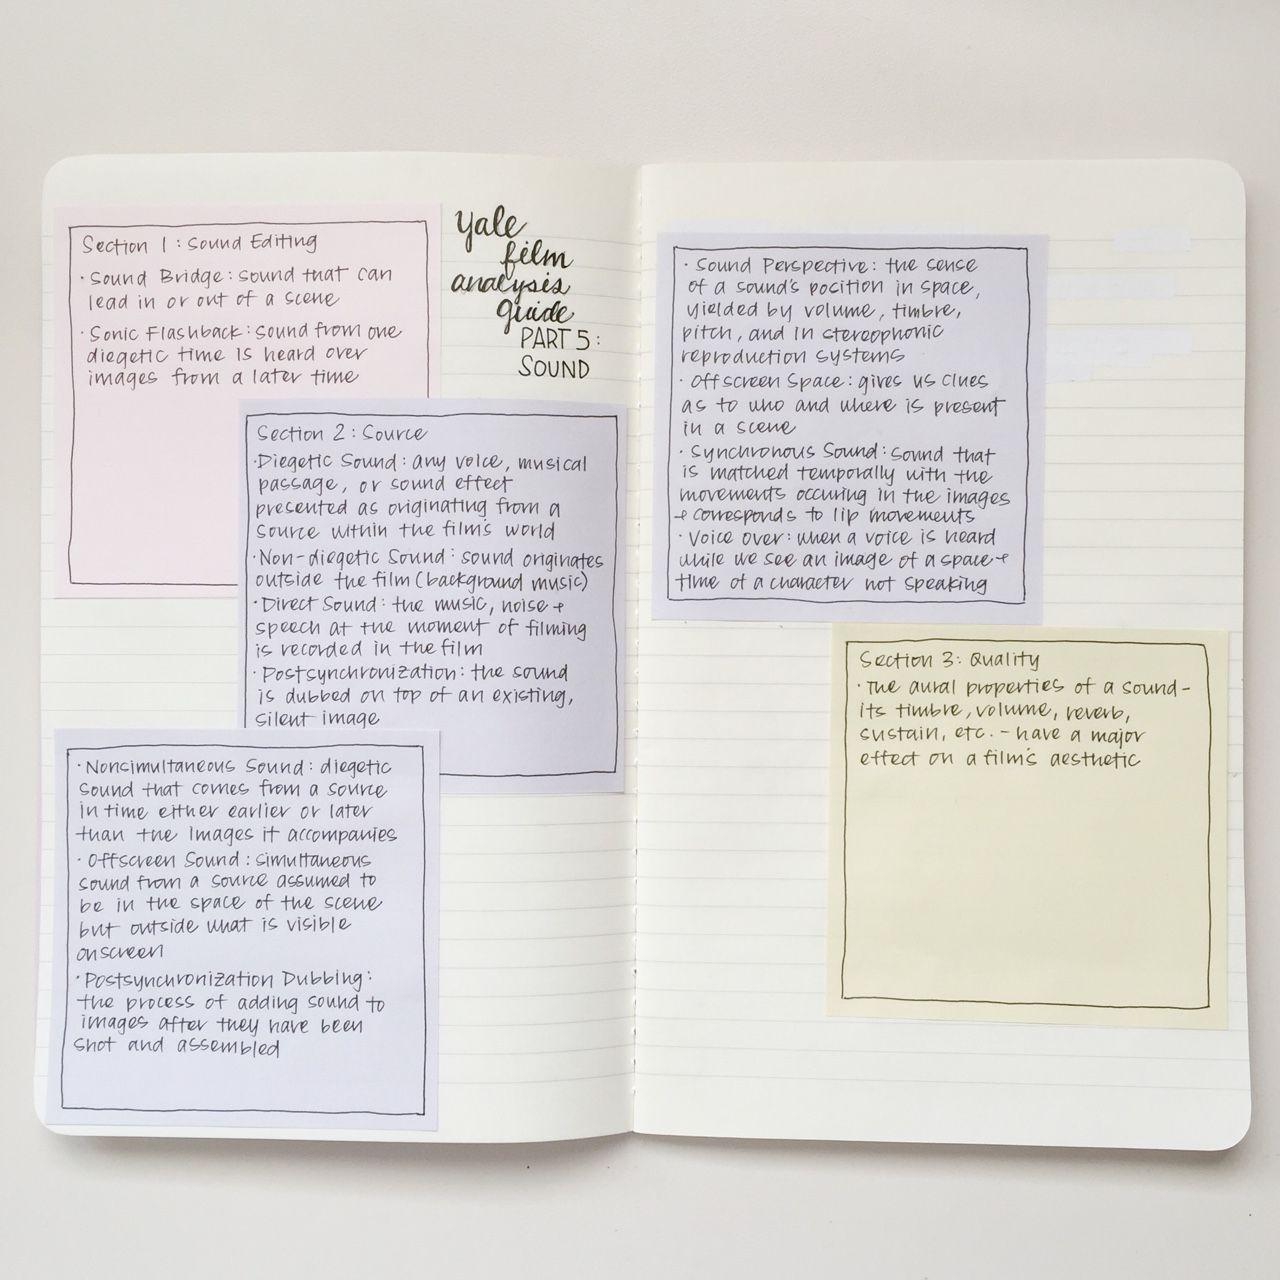 stellestudies yale film guide notes studyblr. Black Bedroom Furniture Sets. Home Design Ideas